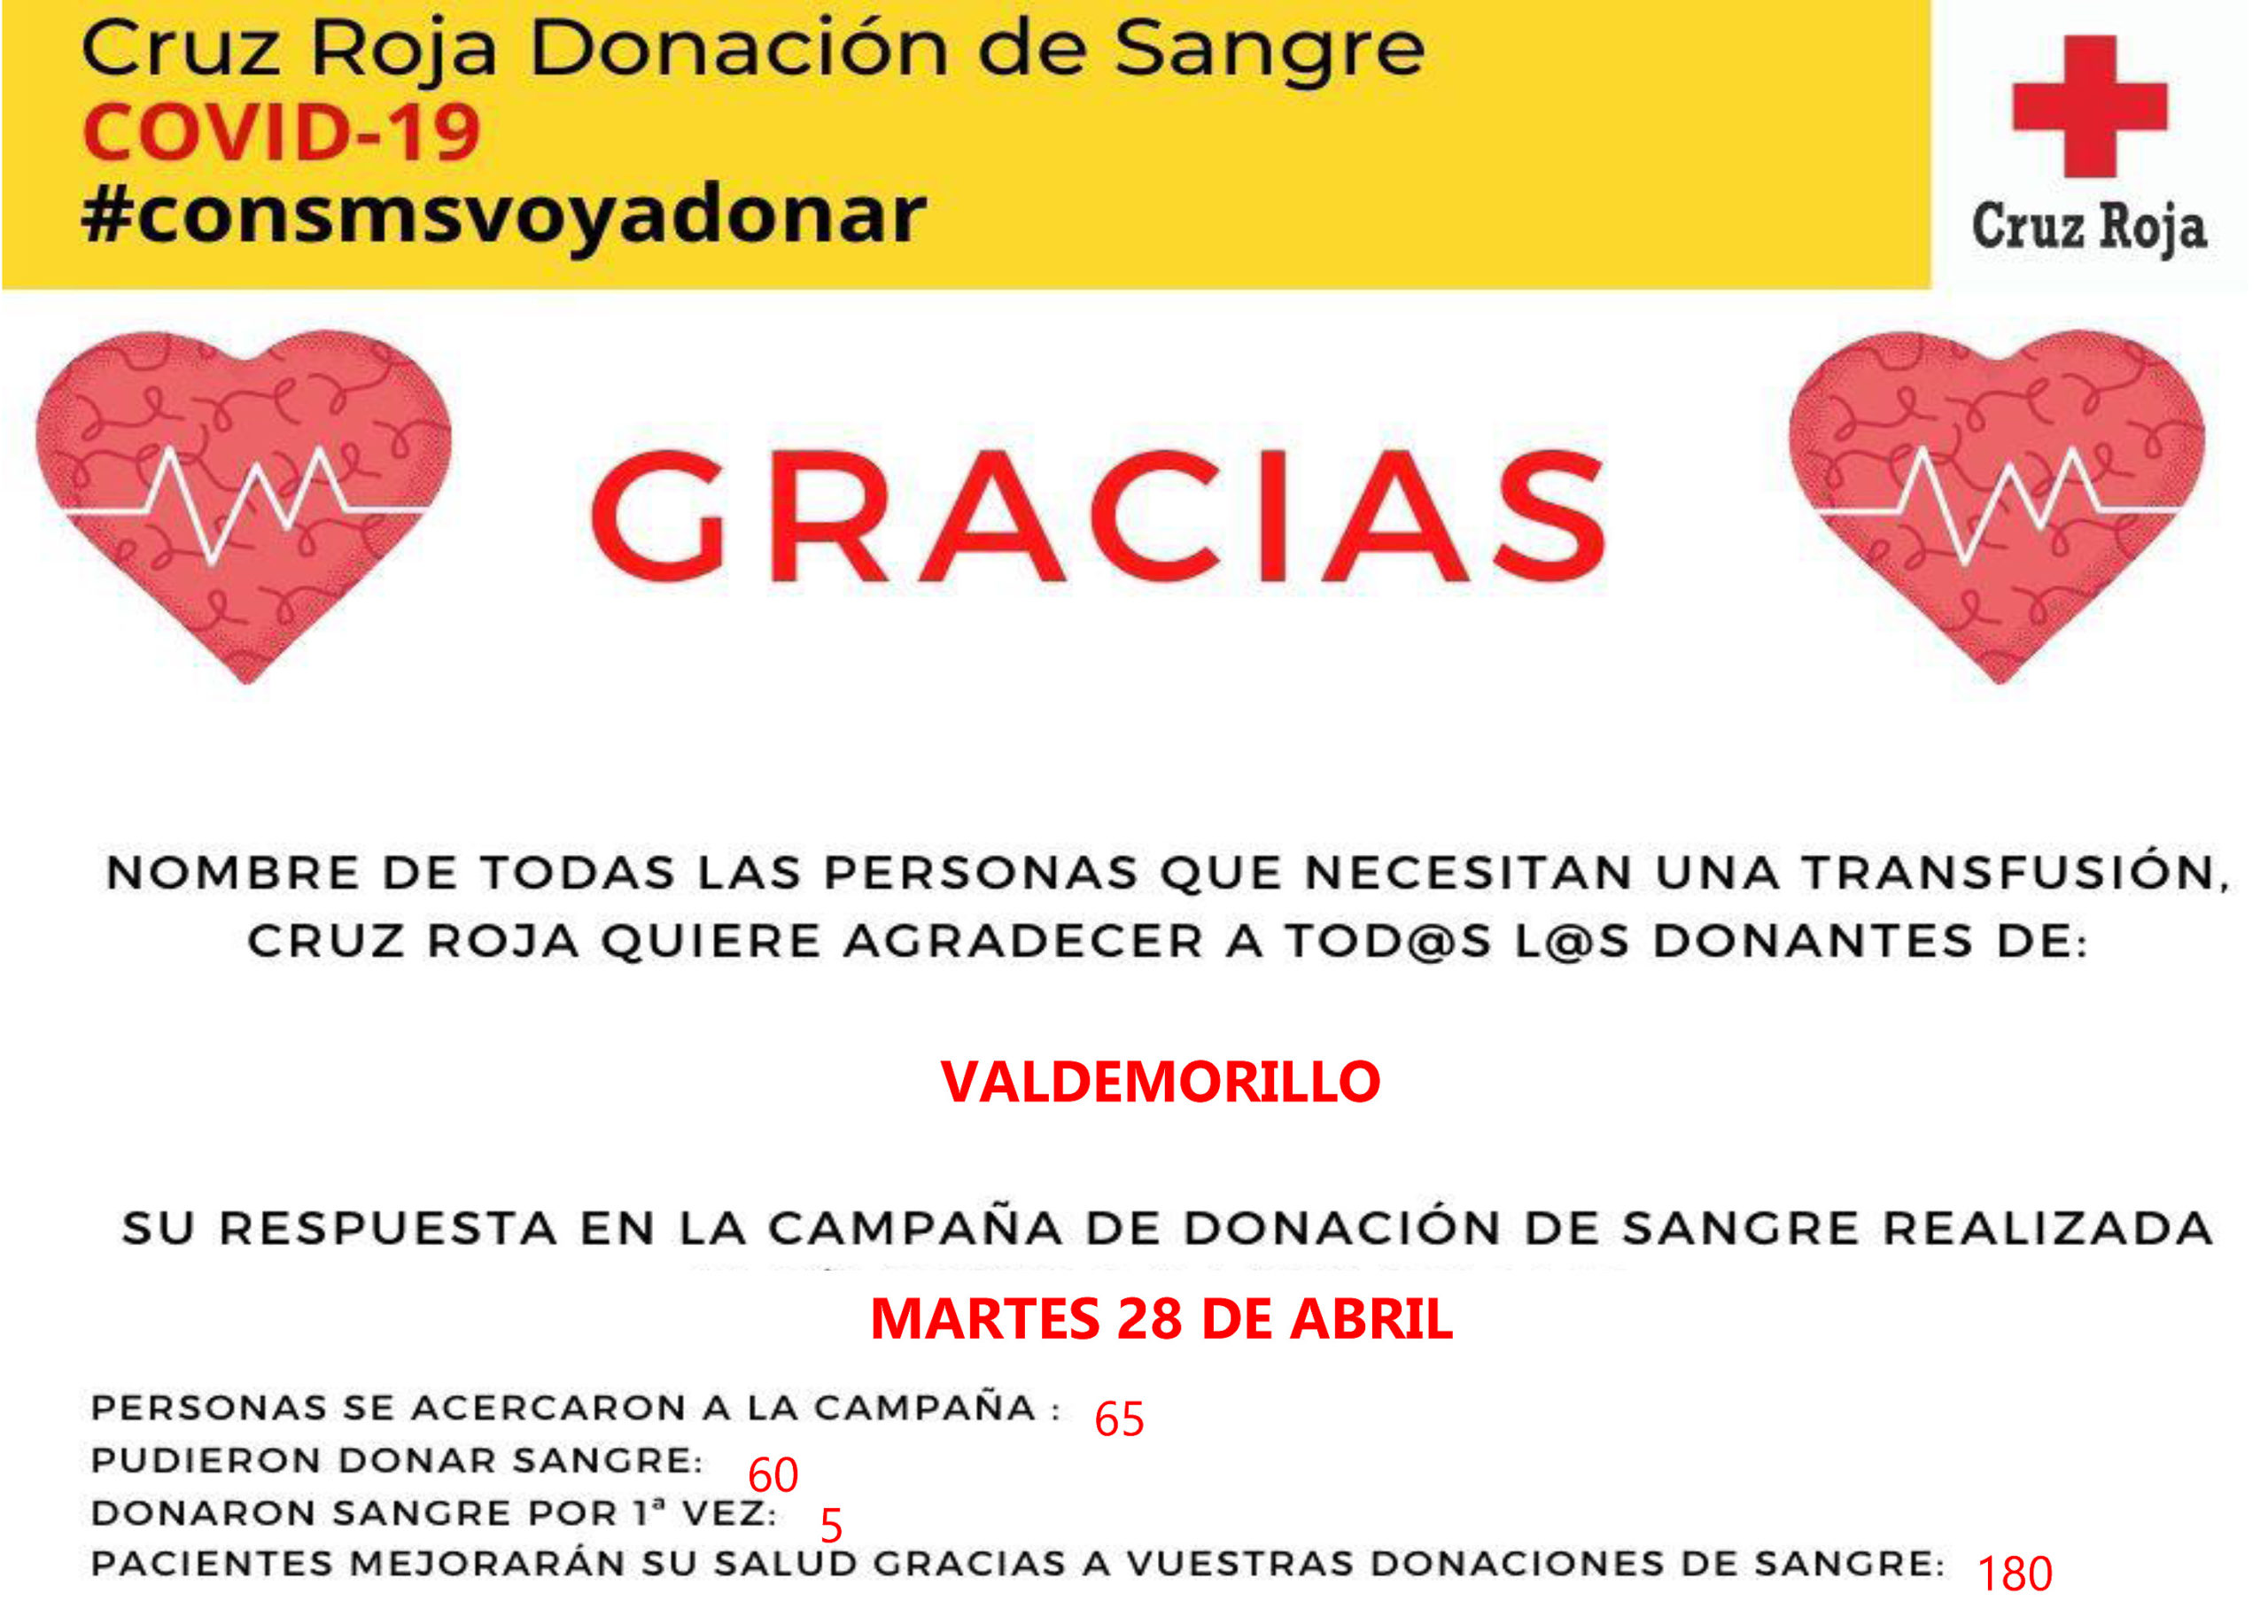 """Cruz Roja felicita a Valdemorillo por superar  previsiones y sumar la participación de  más de 60 vecinos en una campaña de donación de sangre """"realmente ejemplar"""""""